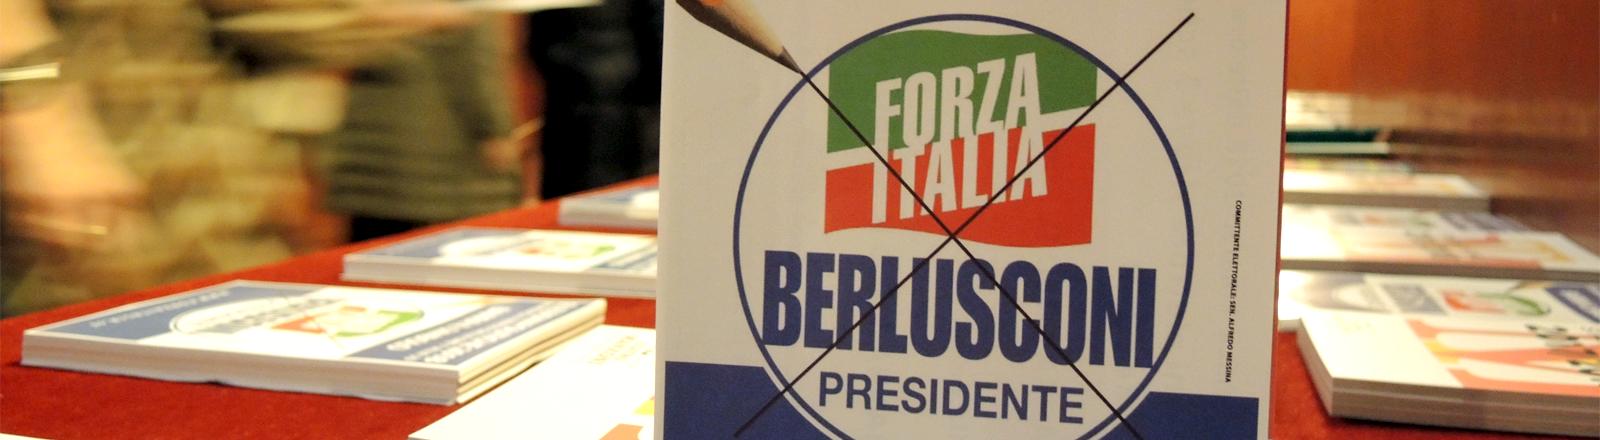 https://de.wikipedia.org/wiki/Politische_Parteien_in_Italien